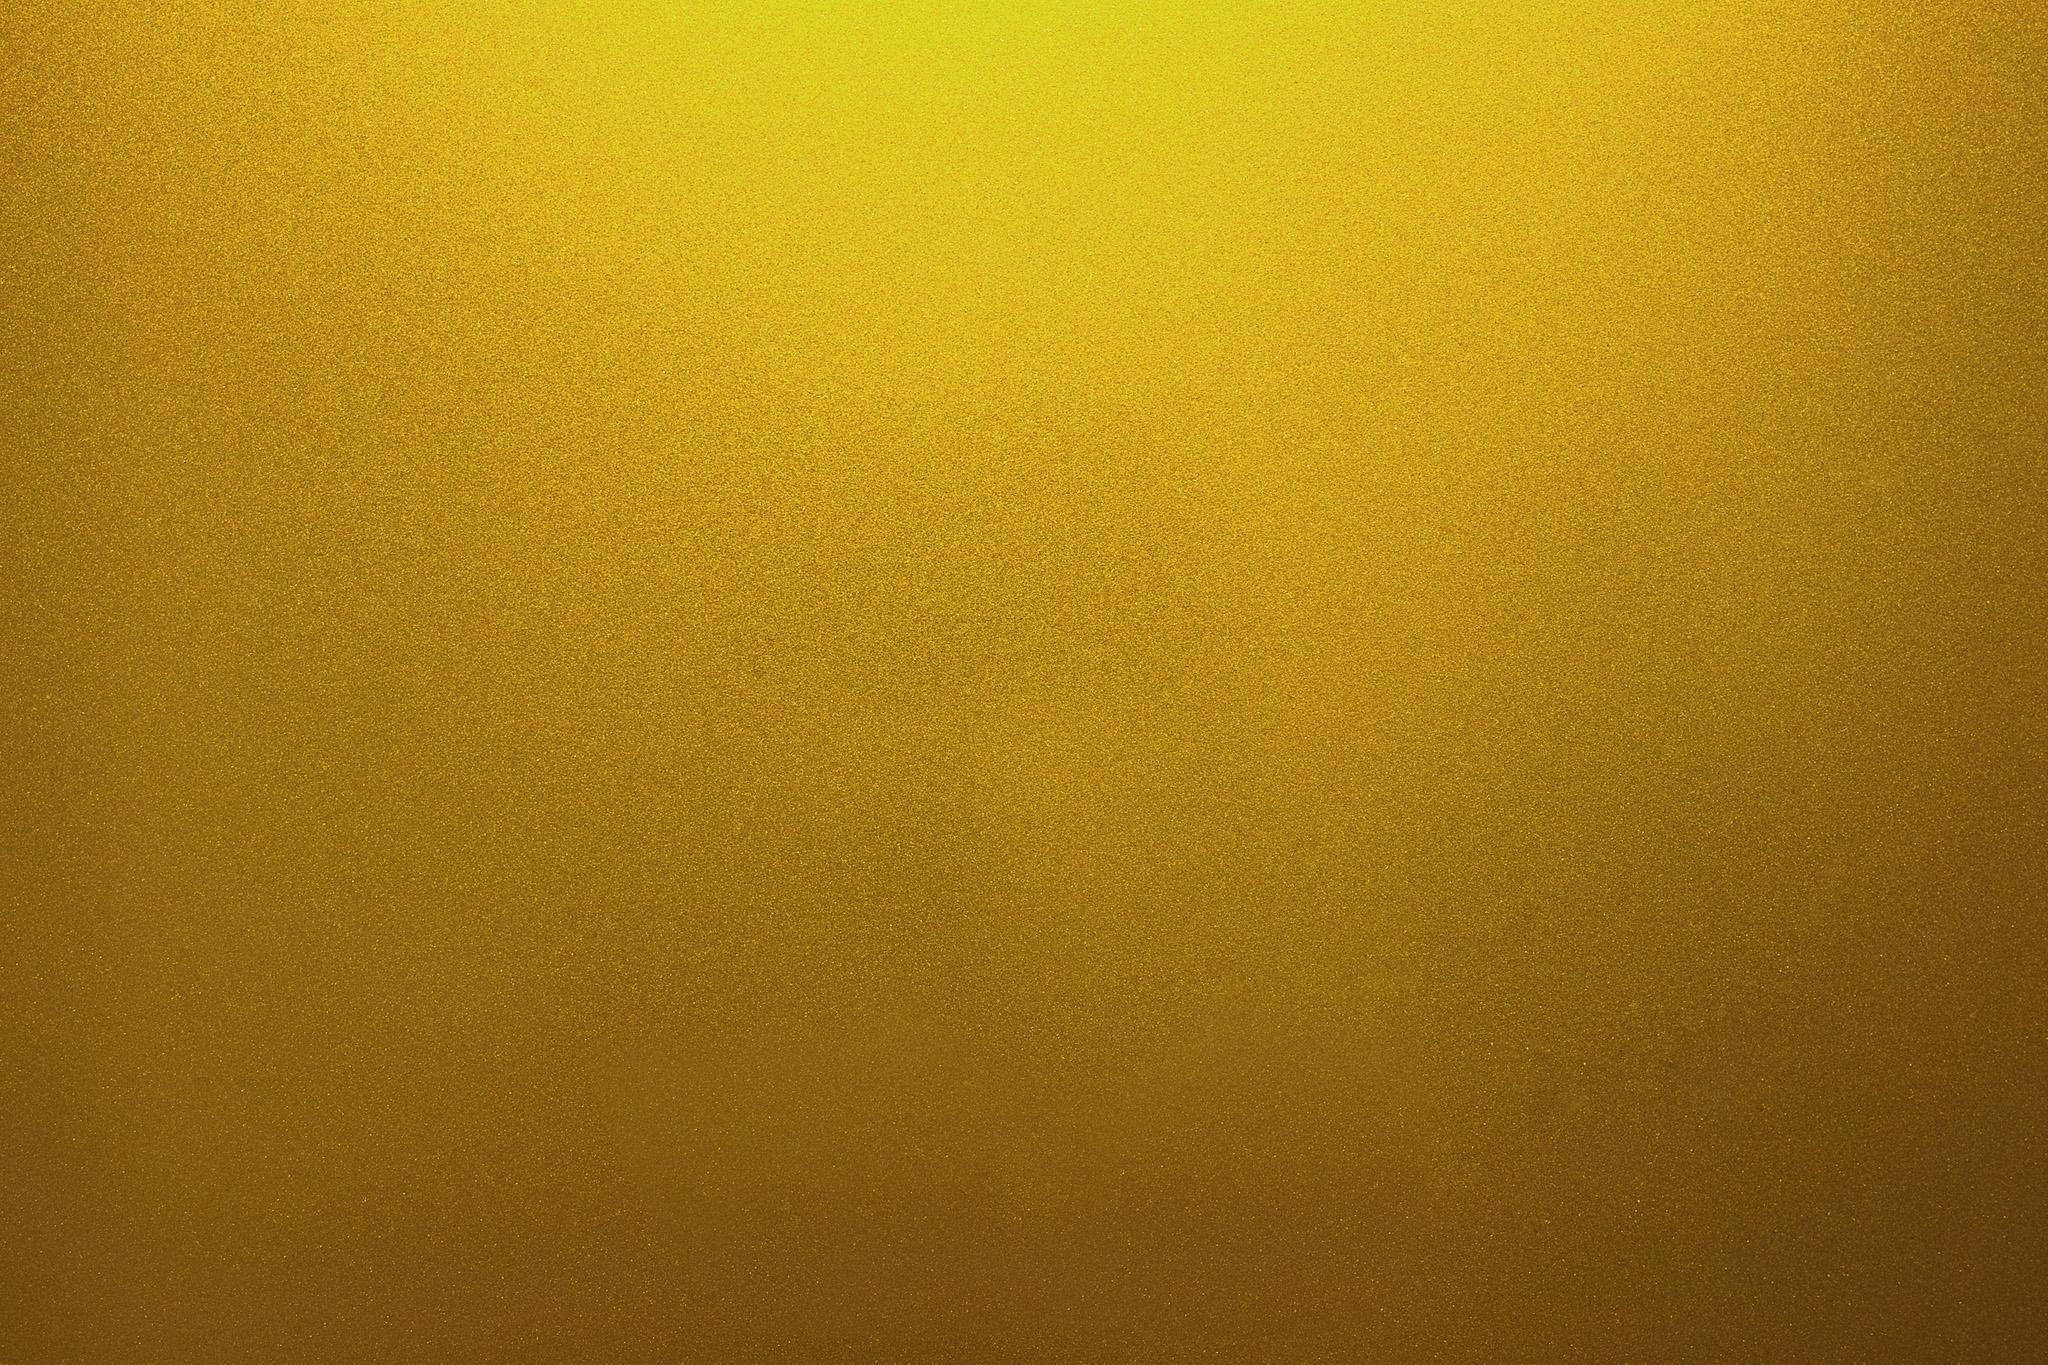 「光を反射する金色の金属素材」の素材を無料ダウンロード